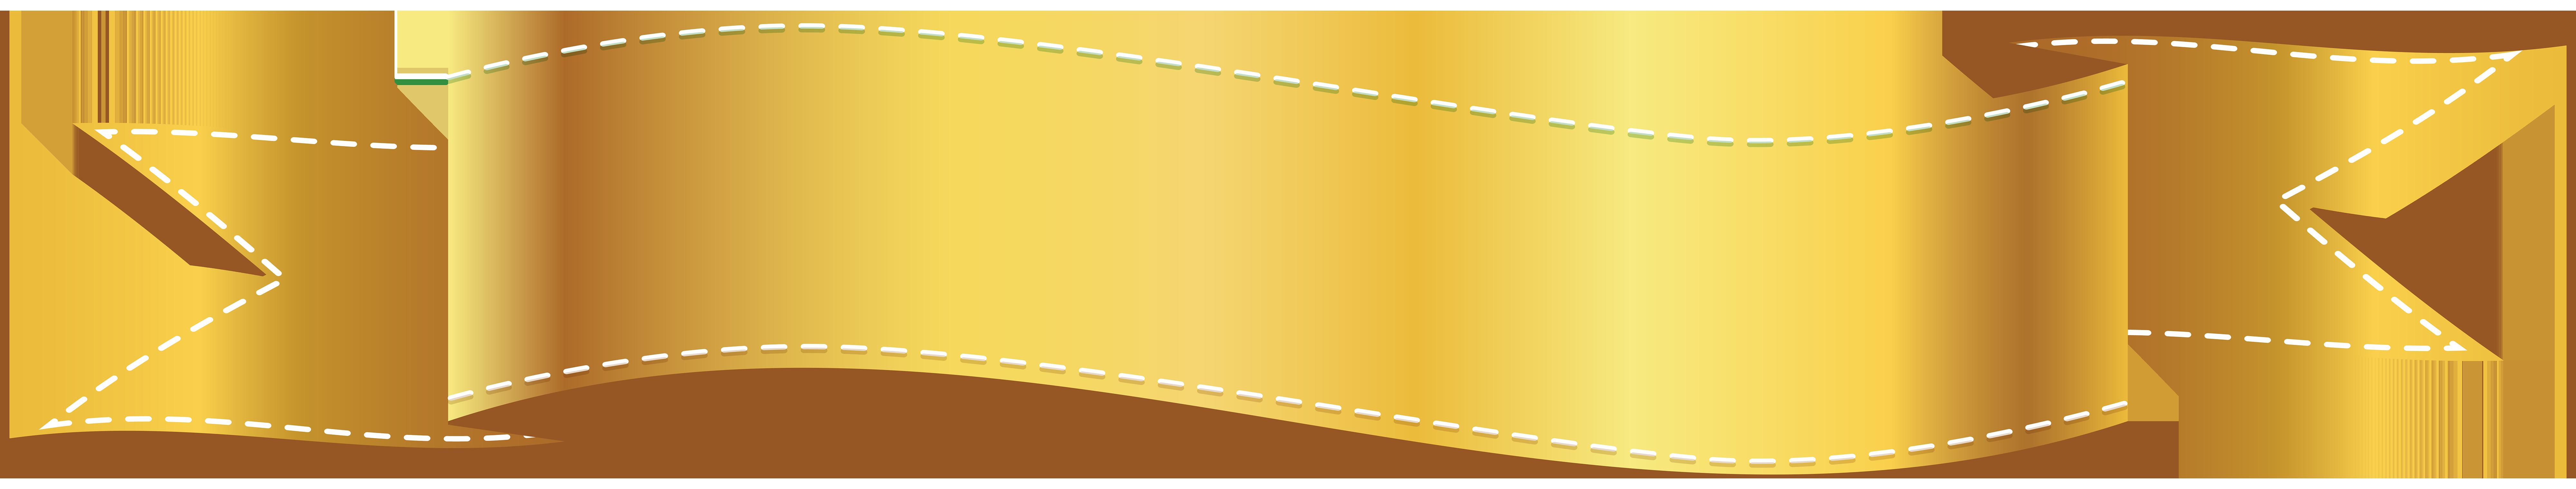 Golden clipart Golden Art Free Free Clip